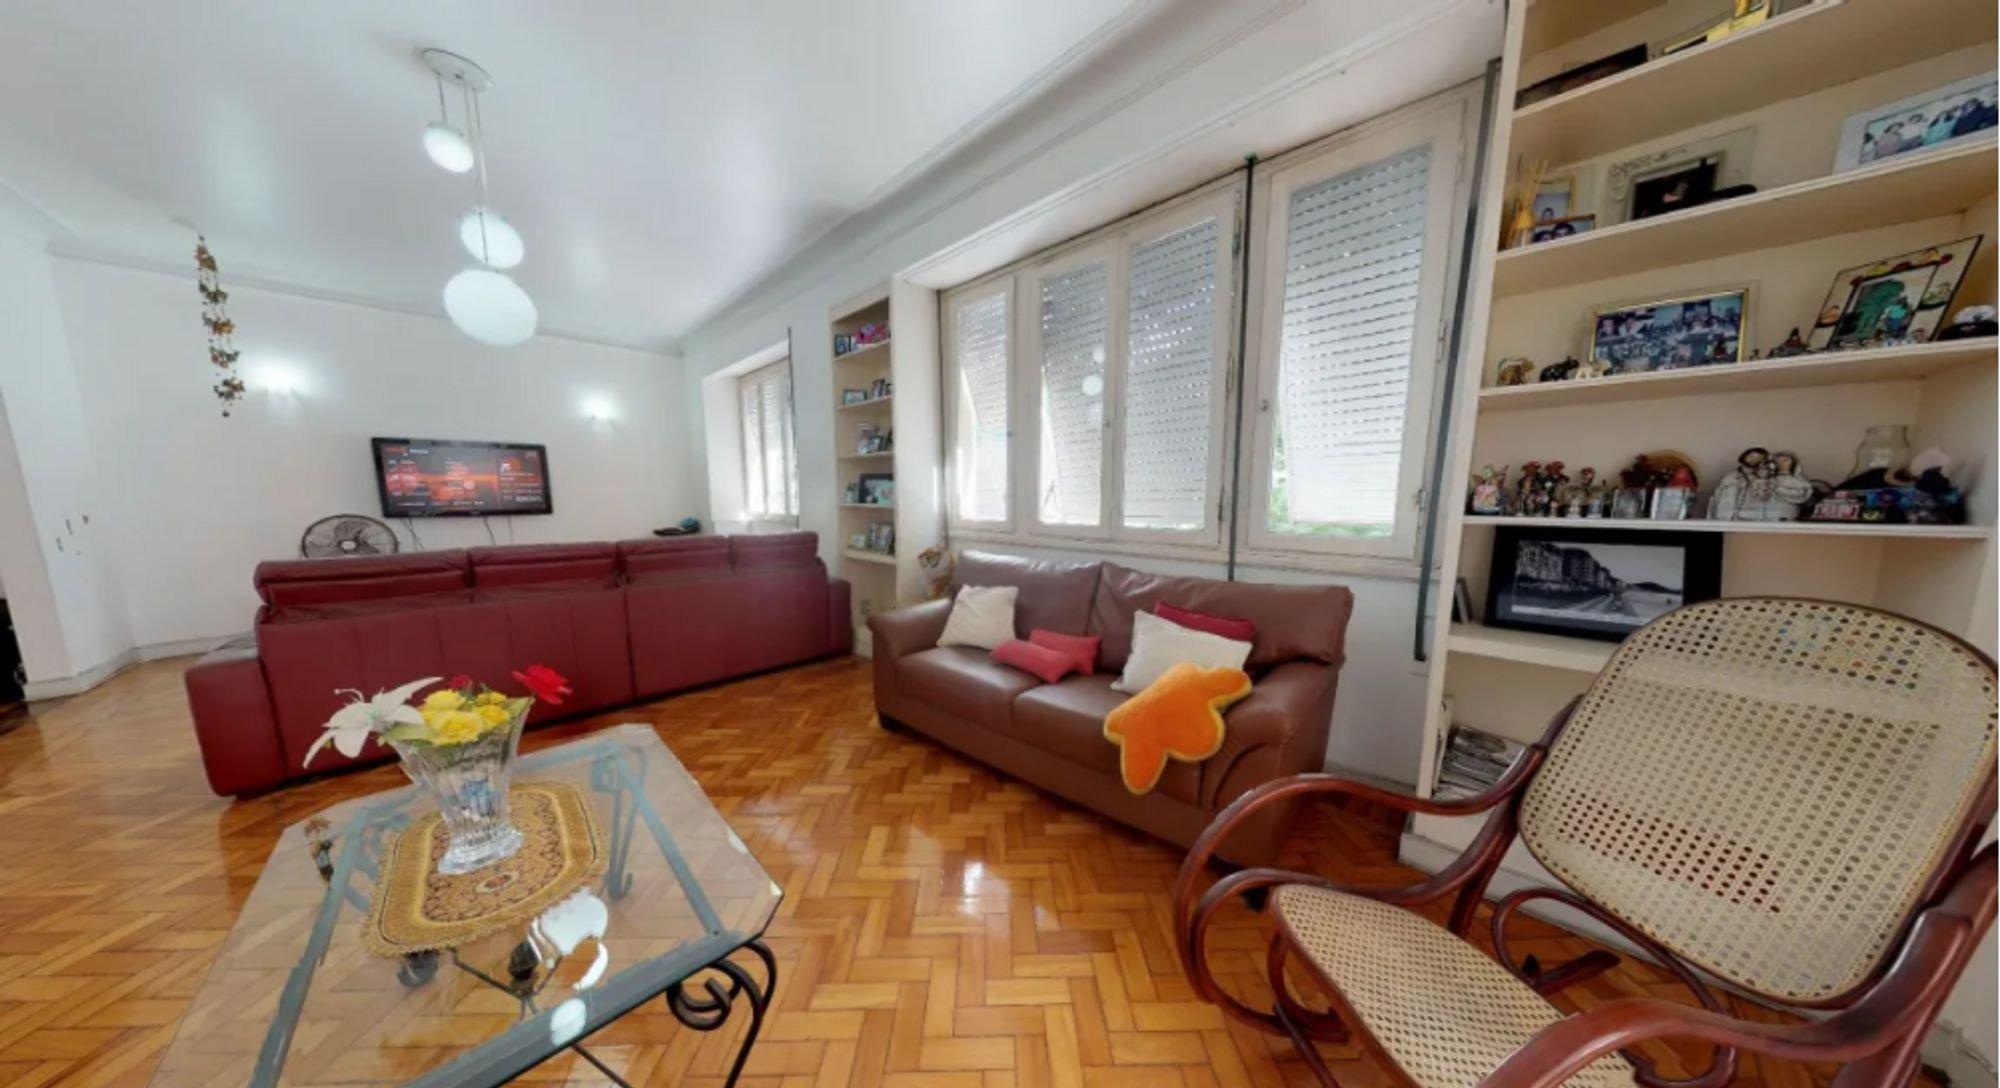 Foto de Sala com sofá, televisão, vaso, cadeira